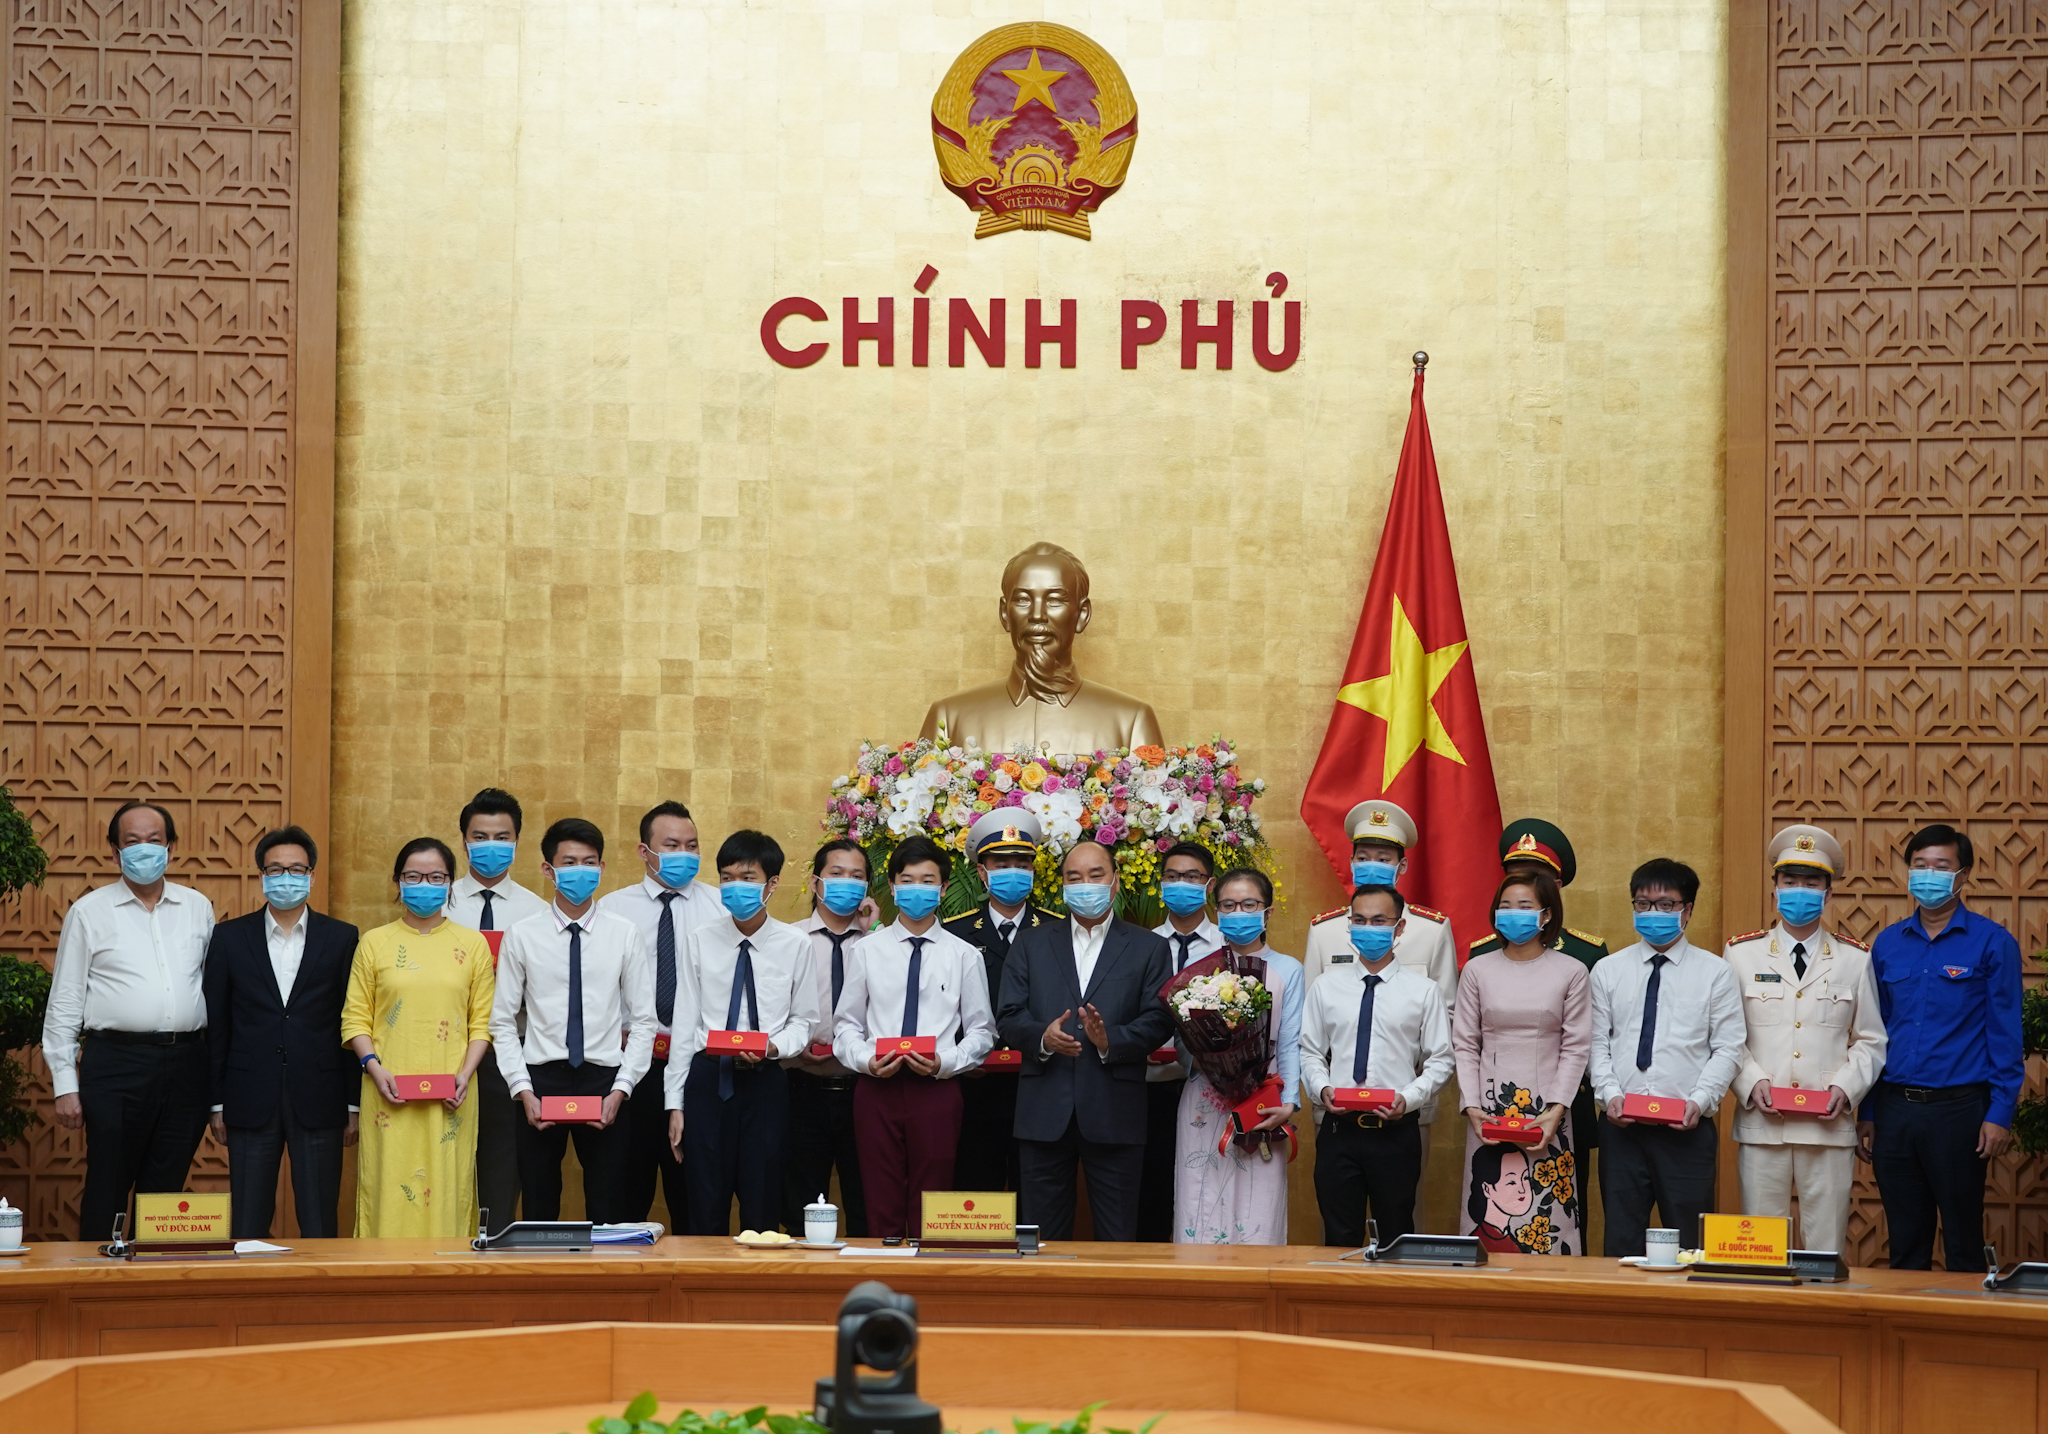 Thủ tướng tặng quà cho các gương mặt trẻ tiêu biểu - Ảnh: VGP/Quang Hiếu